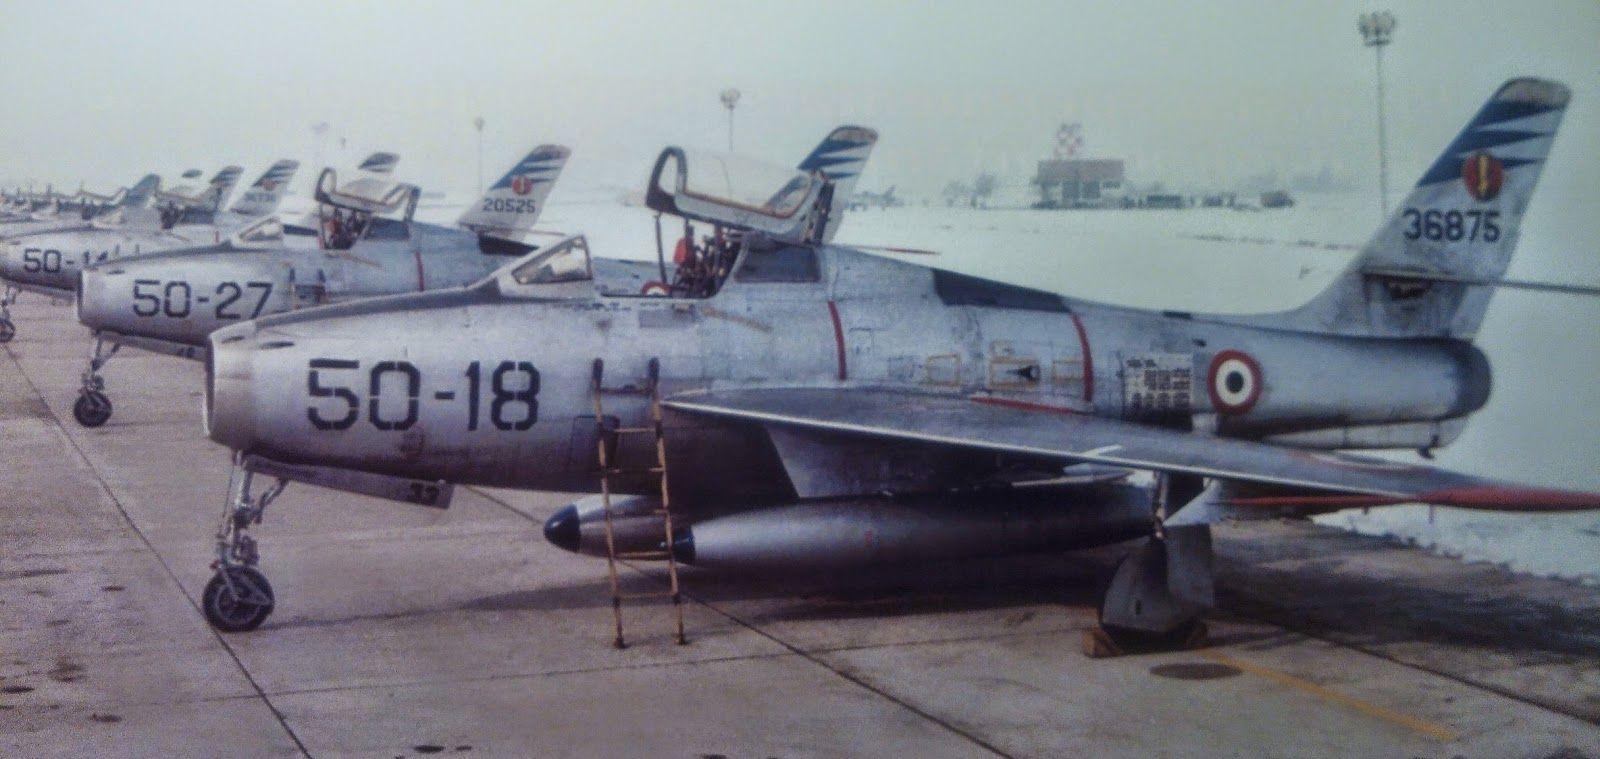 AeroStoria Anni'50: I Caccia degli anni della rinascita: Aeronautica Militare una potenza occidentale.